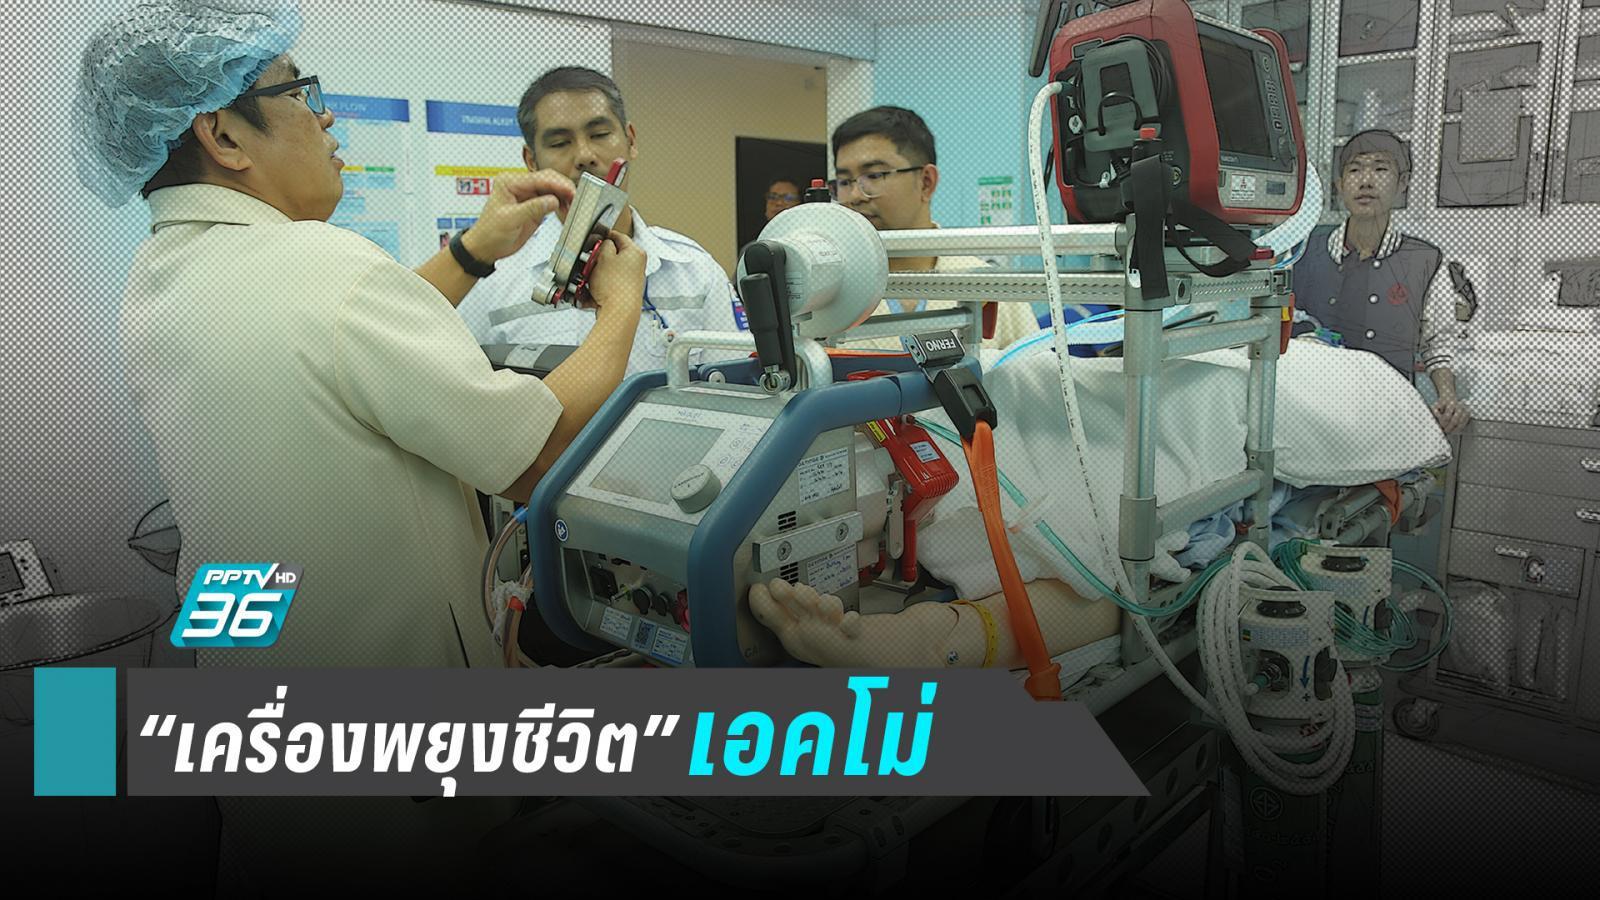 """รู้จัก """"เครื่องเอคโม่"""" ปอด-หัวใจ เทียมพยุงชีวิตตลอดเส้นทางการย้ายผู้ป่วย"""